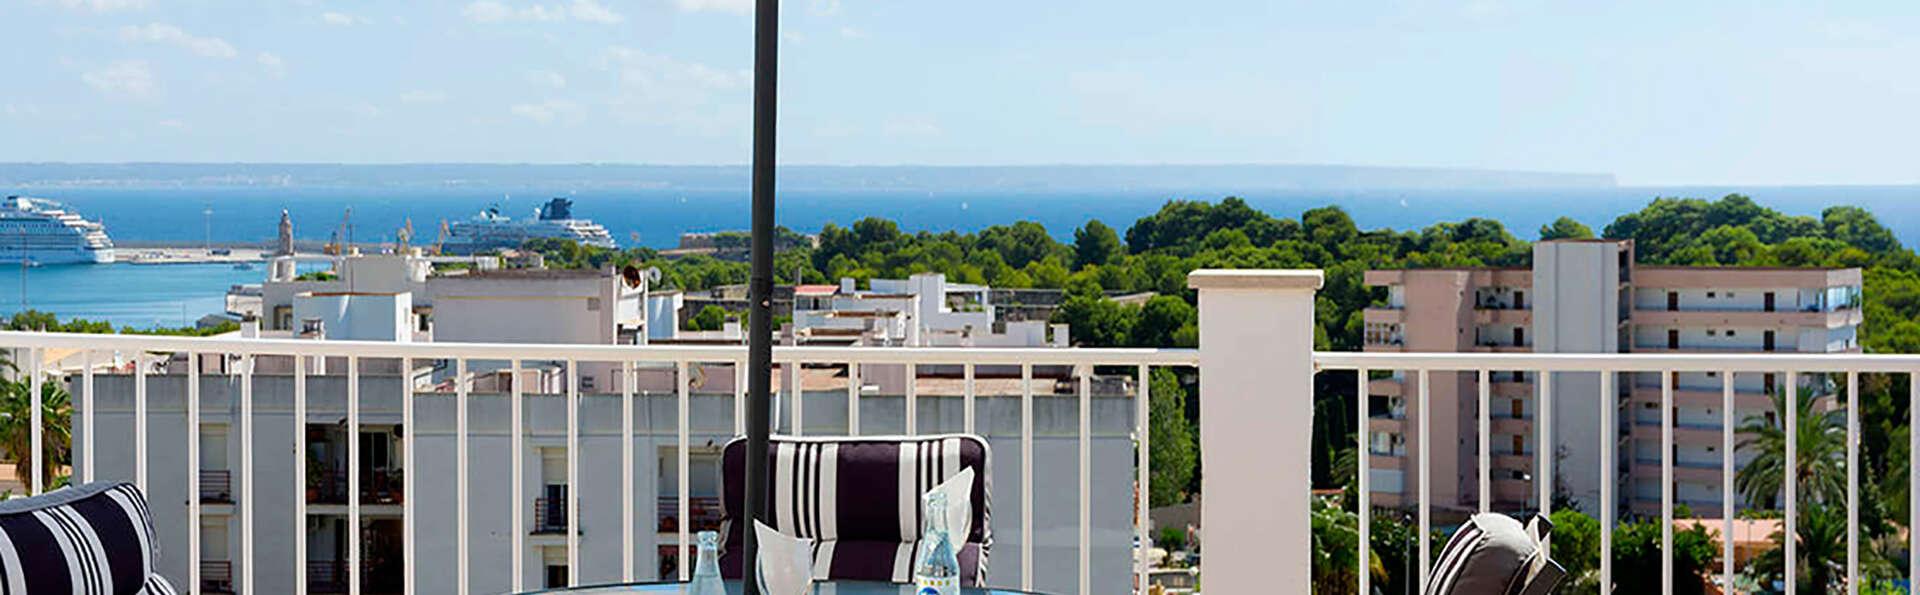 ¡Llega hasta Palma desde Barcelona con ferry Balearia y visita el museo Miró! (9 días /7noches)